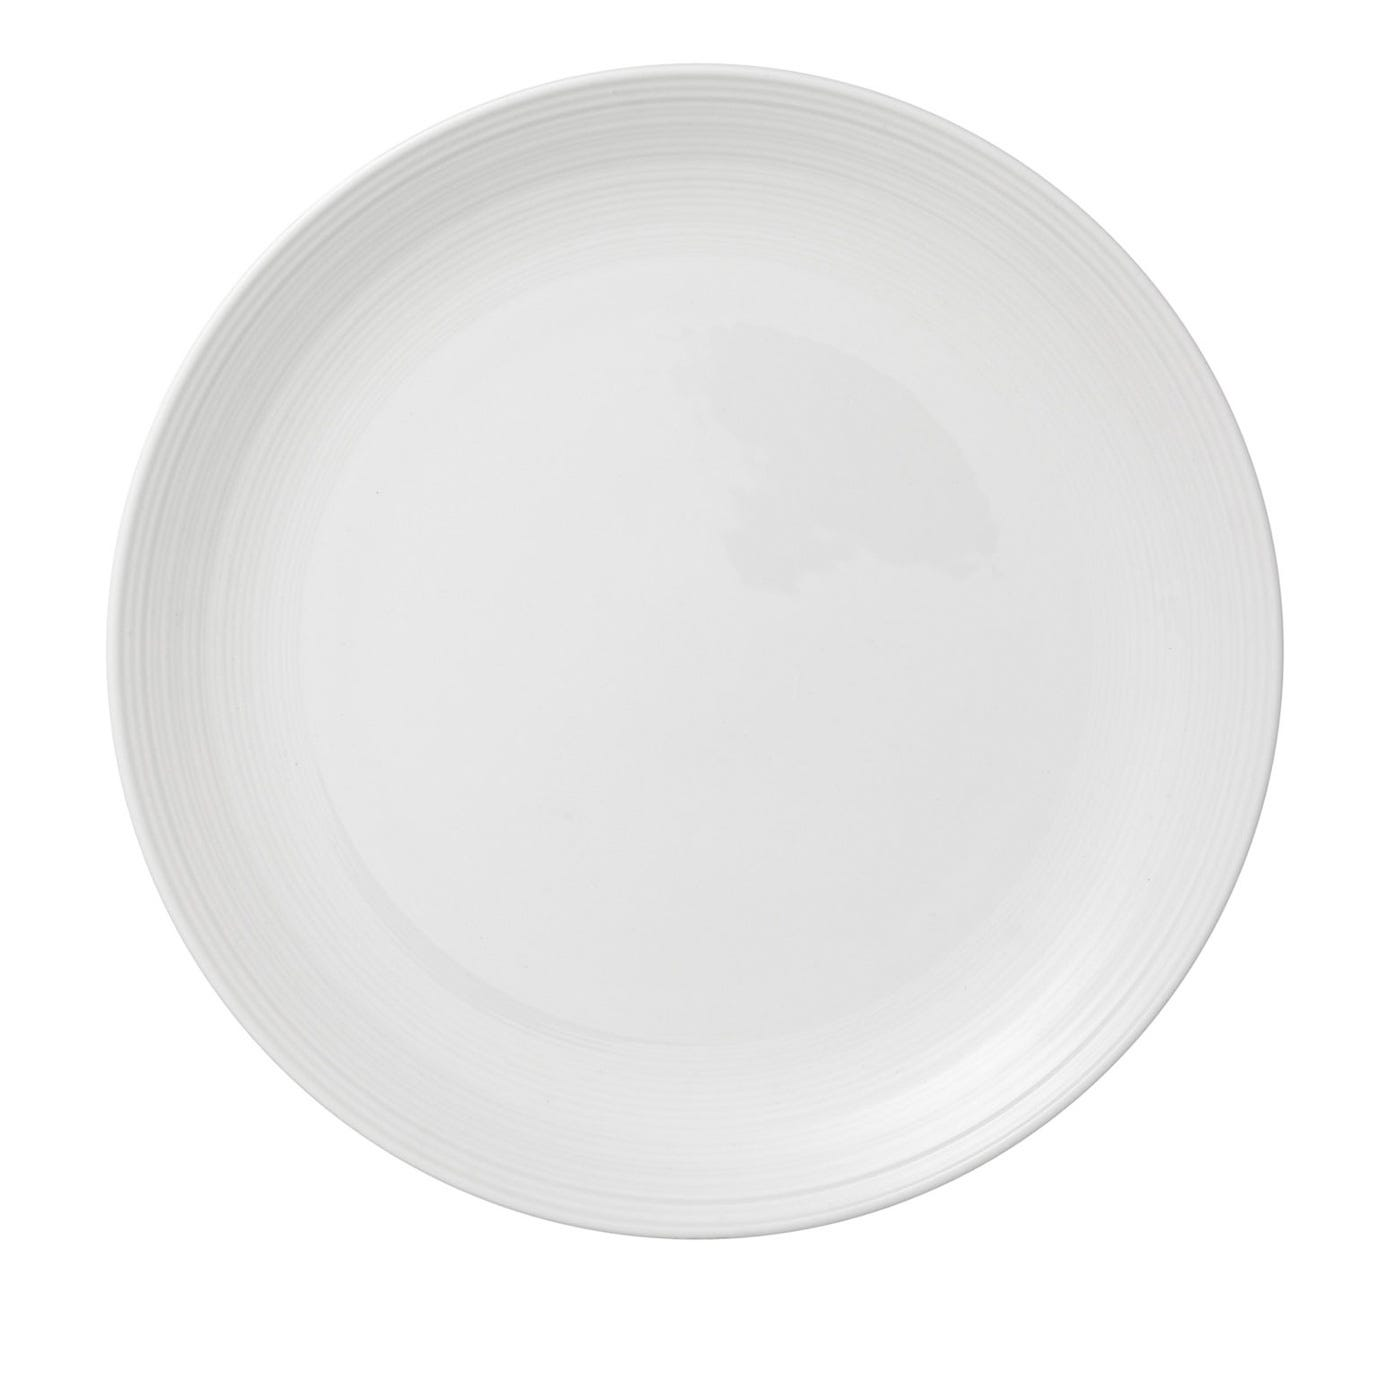 Loft White Round Plate